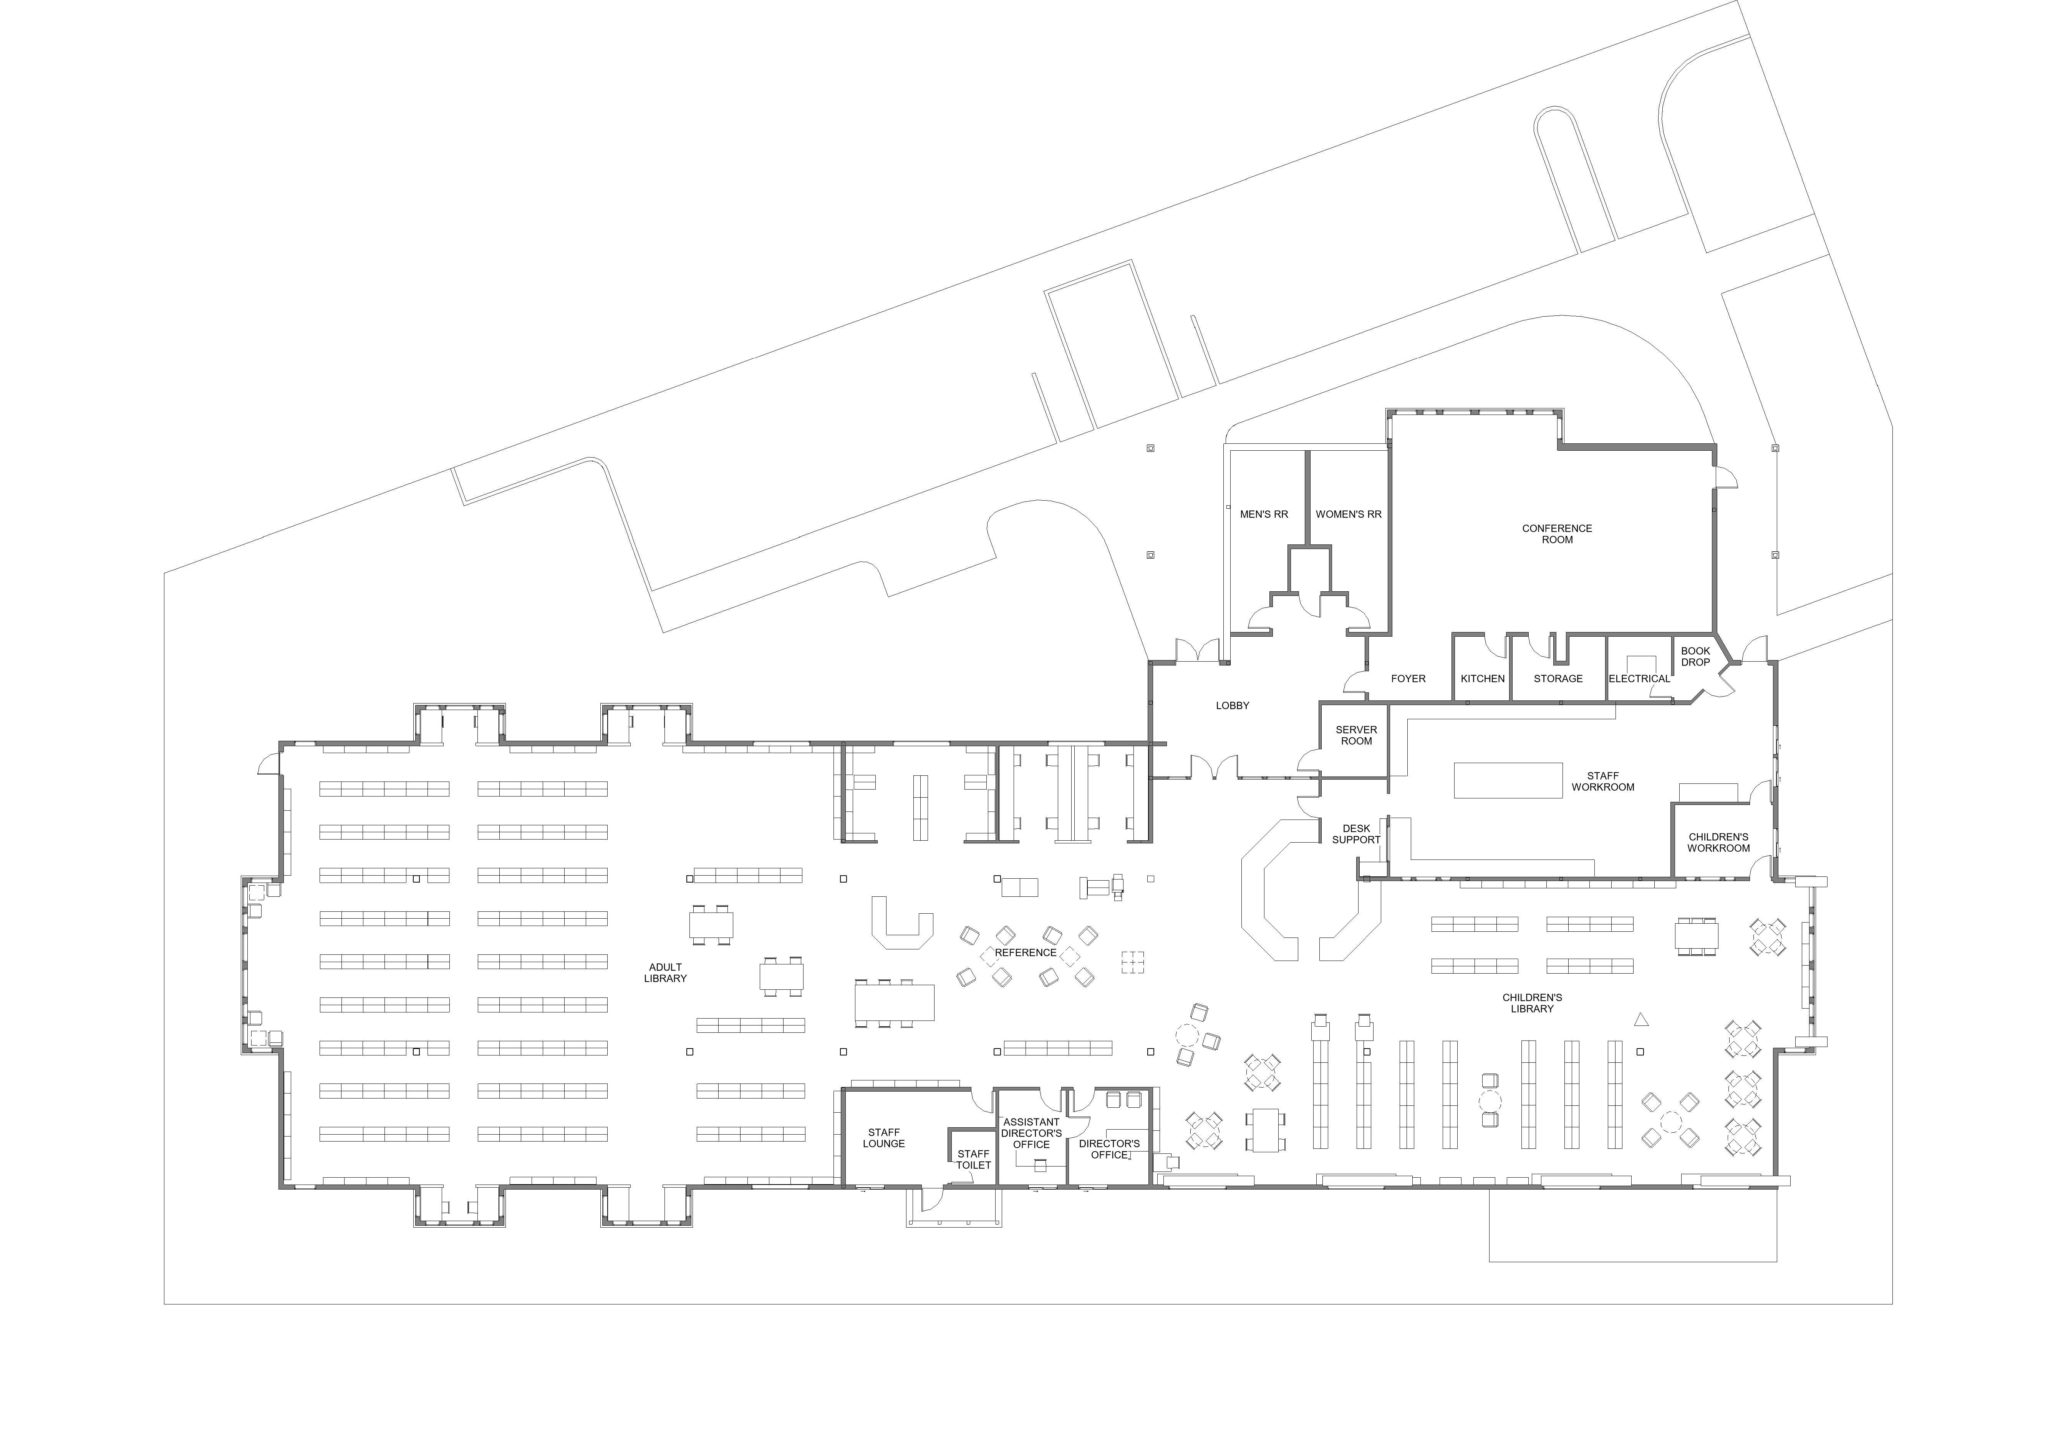 Old Floor Plan